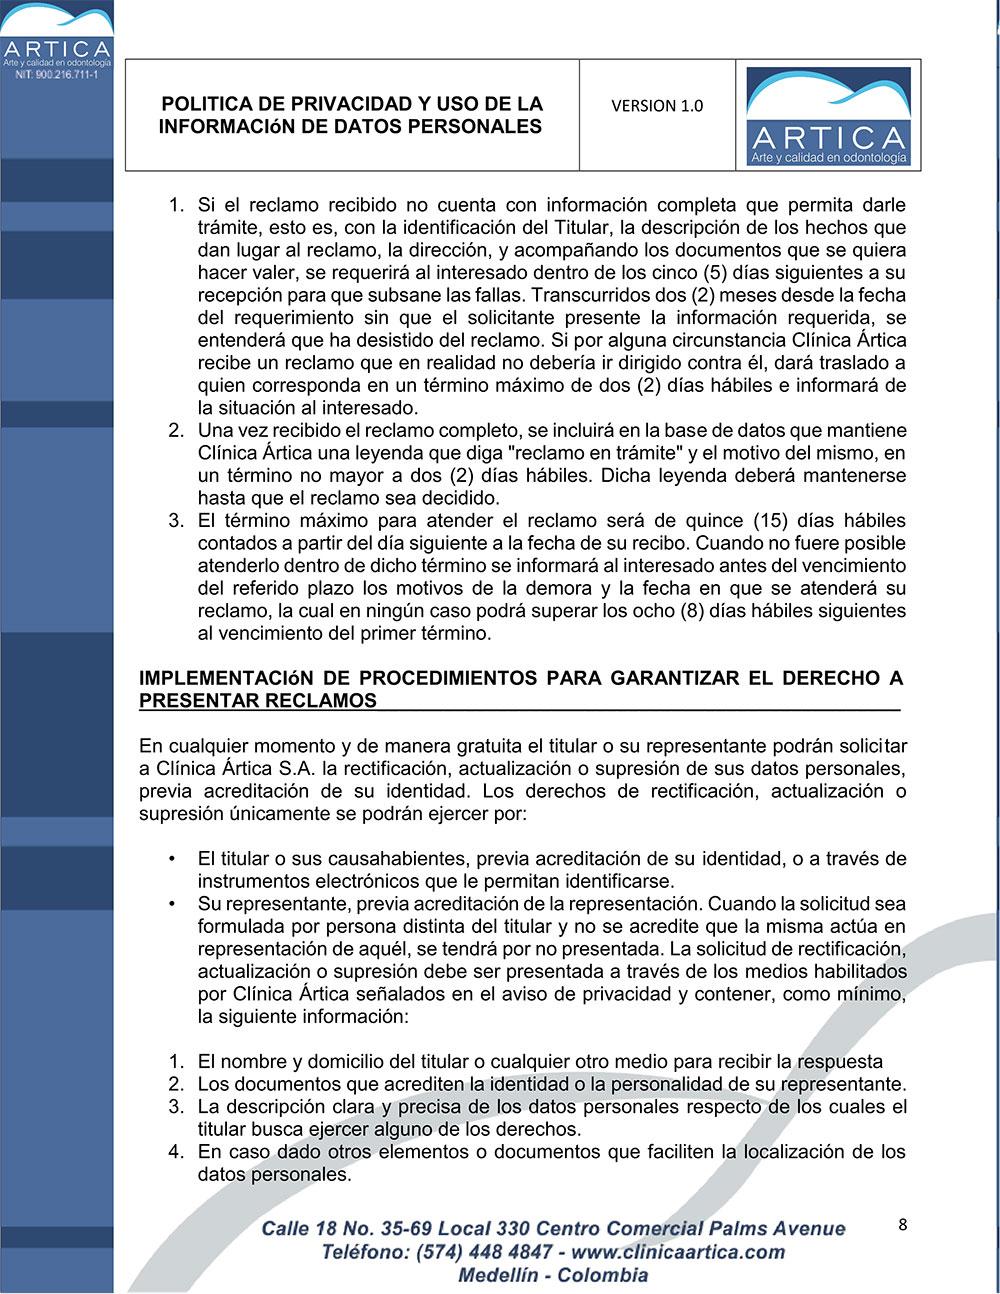 politica-de-privacidad-y-uso-de-datos-personales-clinica-artica-8